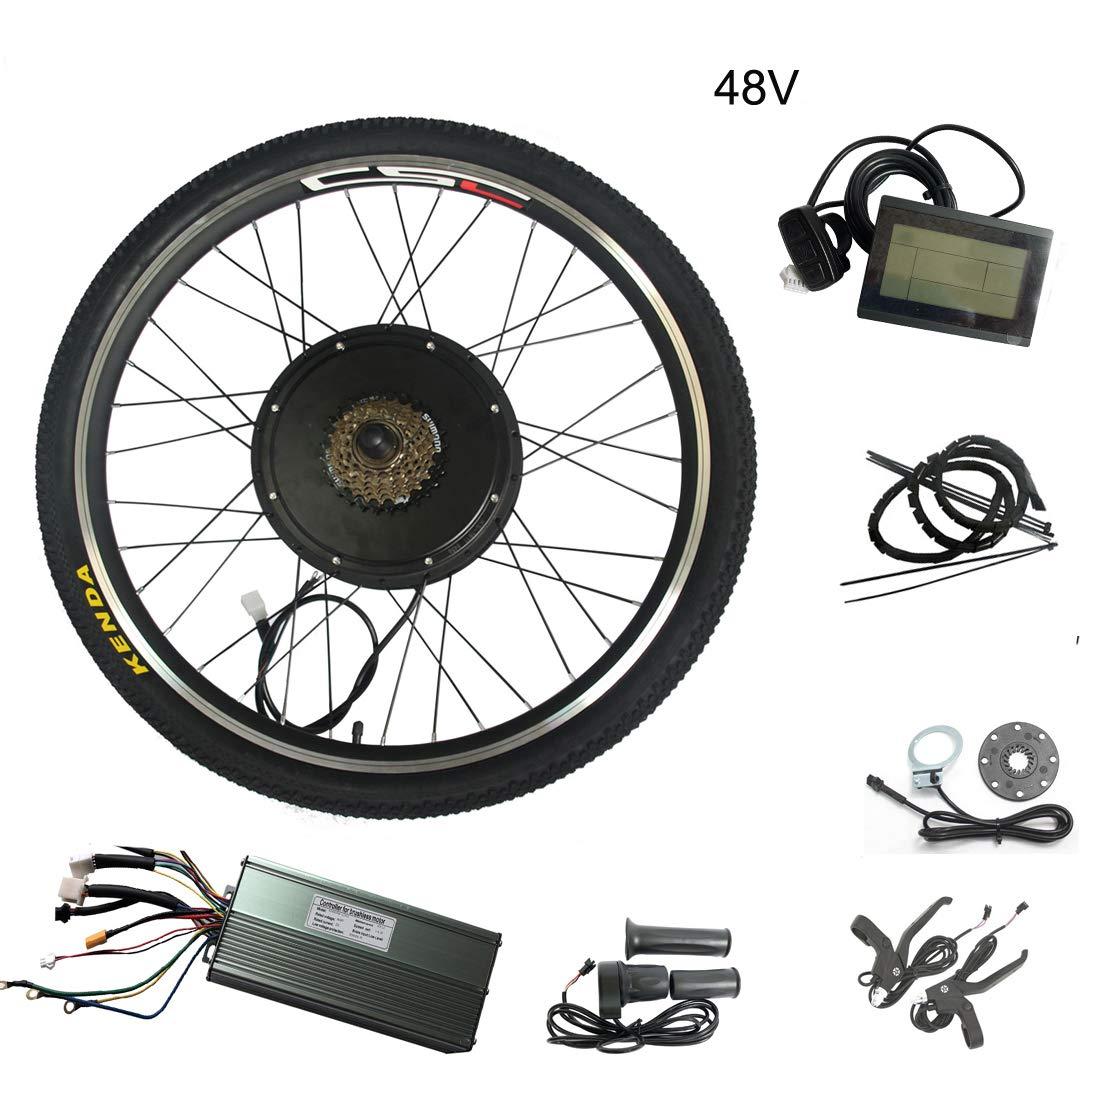 Guoz 20 Pulgadas 48v 1000w-bicicleta eléctrica Batería Bicicleta ...